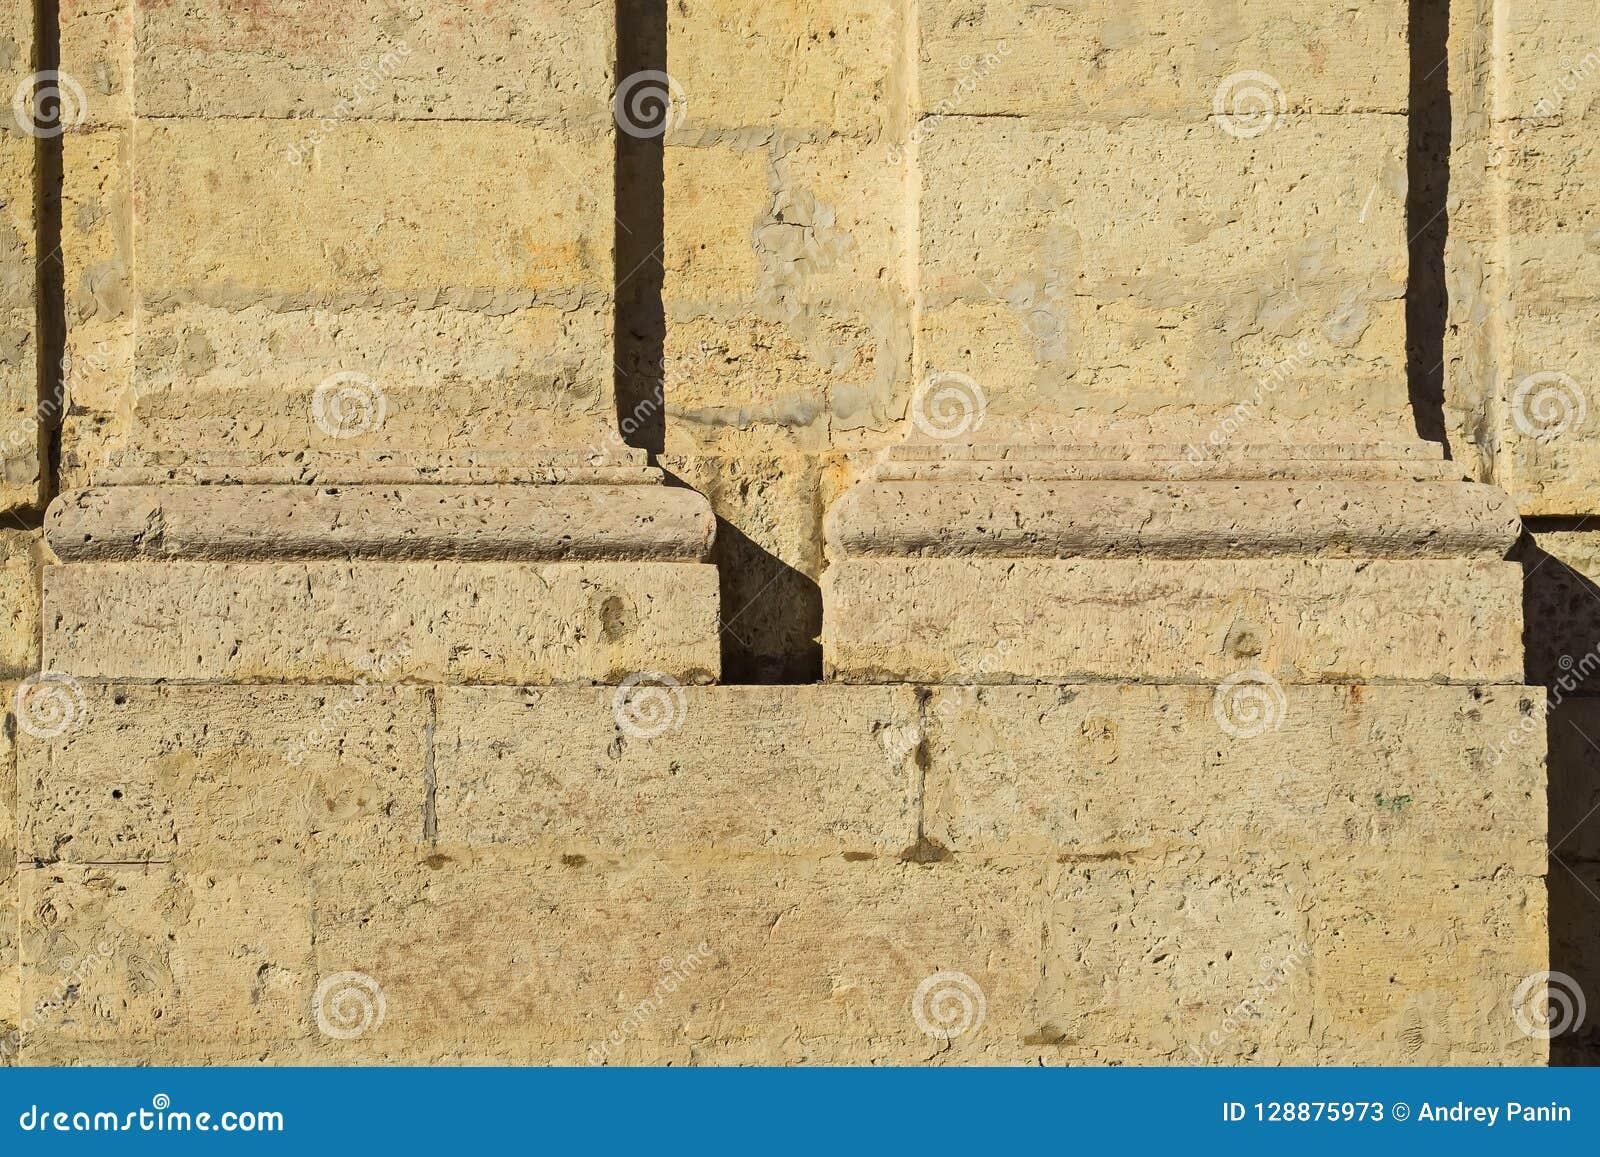 Τεκτονική της μεγάλης Γκάτσινα το παλάτι-κάστρο των ρωσικών αυτοκρατόρων